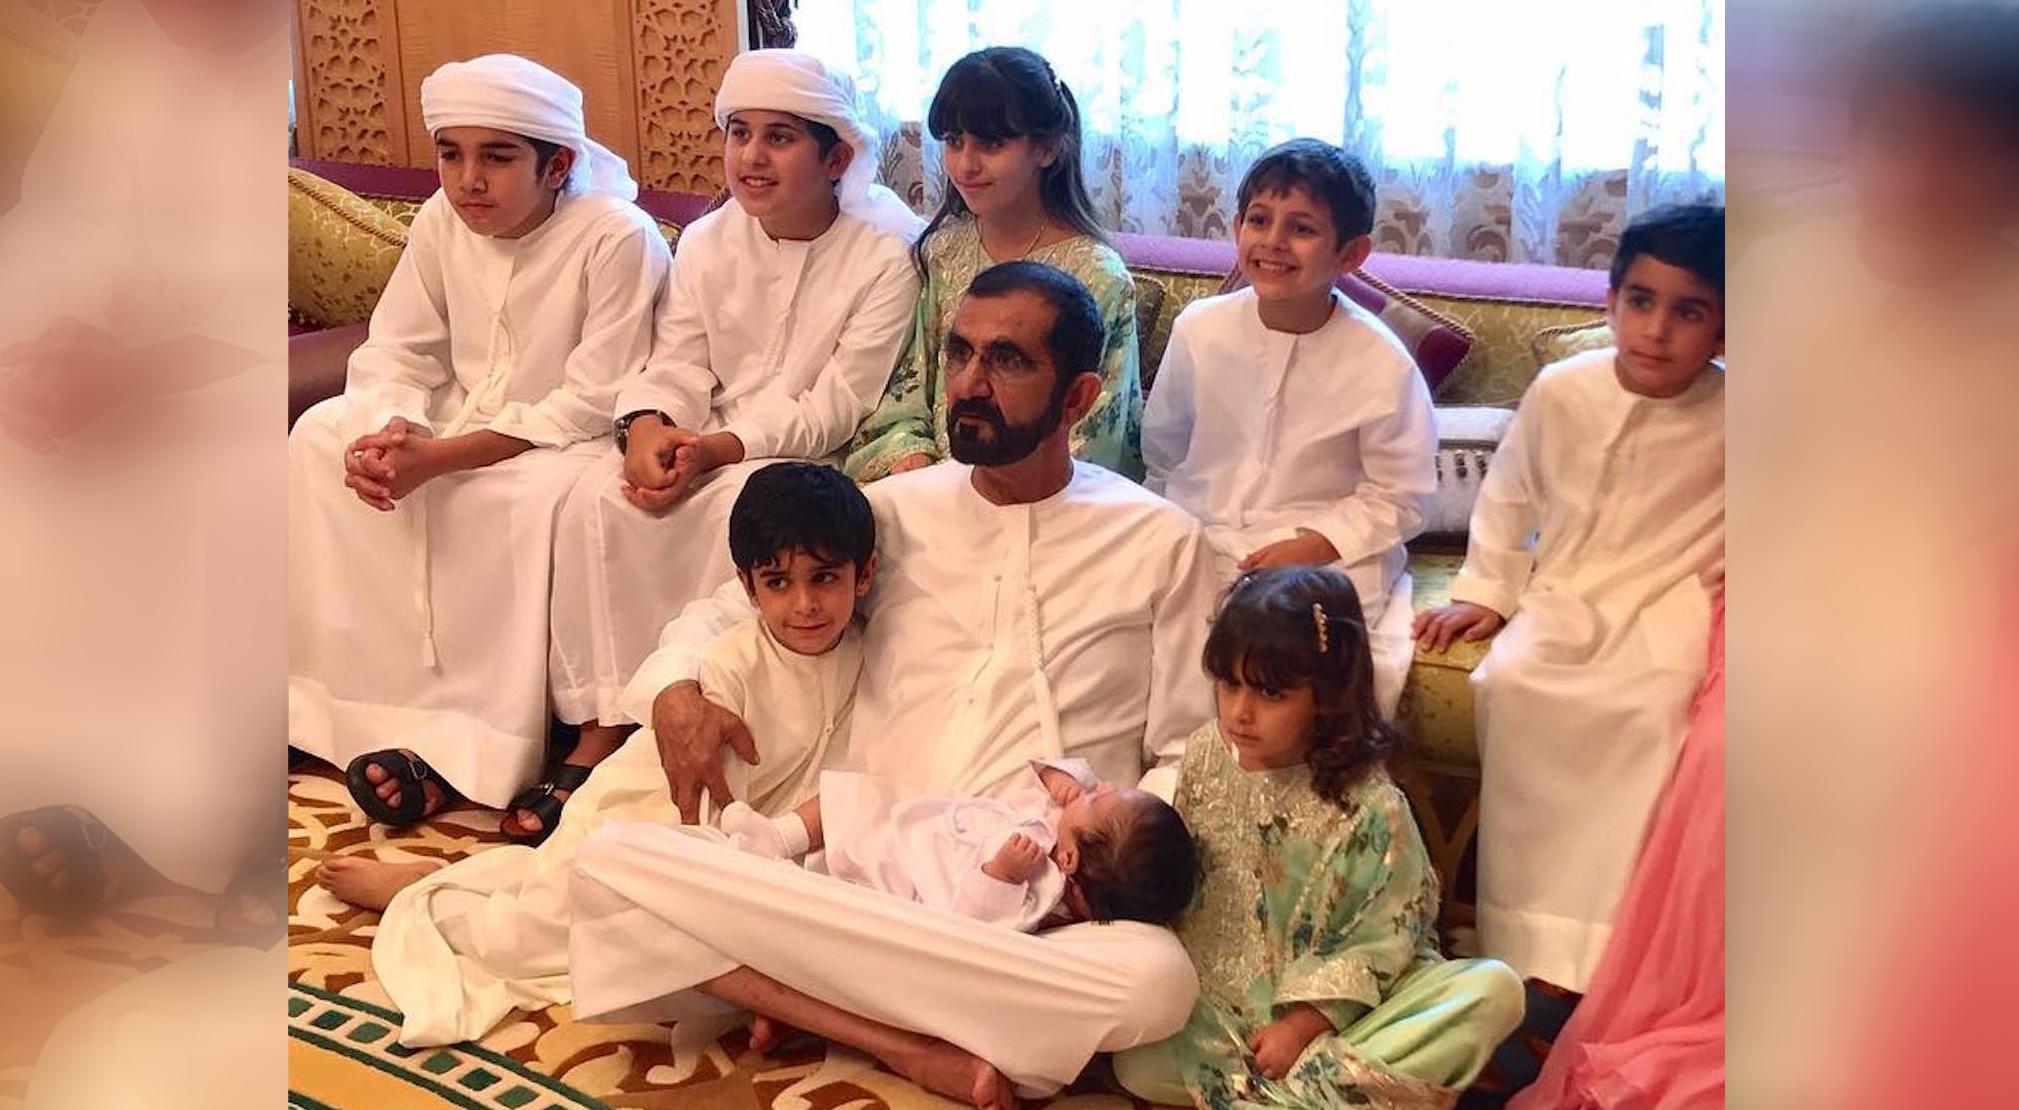 الشيخ محمد بن راشد مع أحفاده